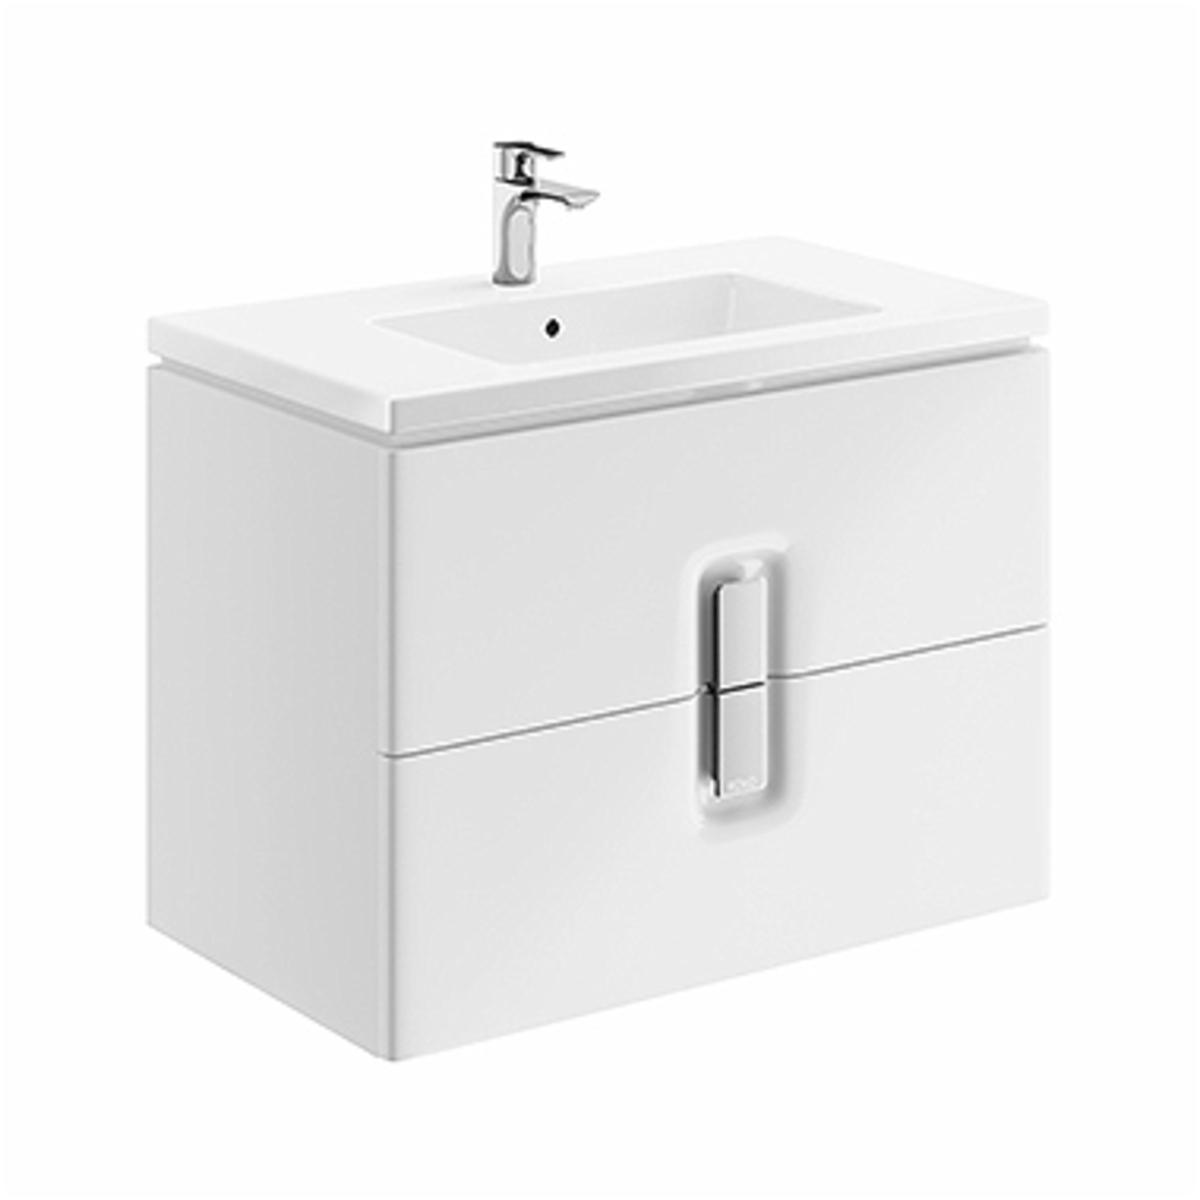 Kúpeľňová skrinka pod umývadlo KOLO Twins 80x57x46 cm biela lesk 89553000